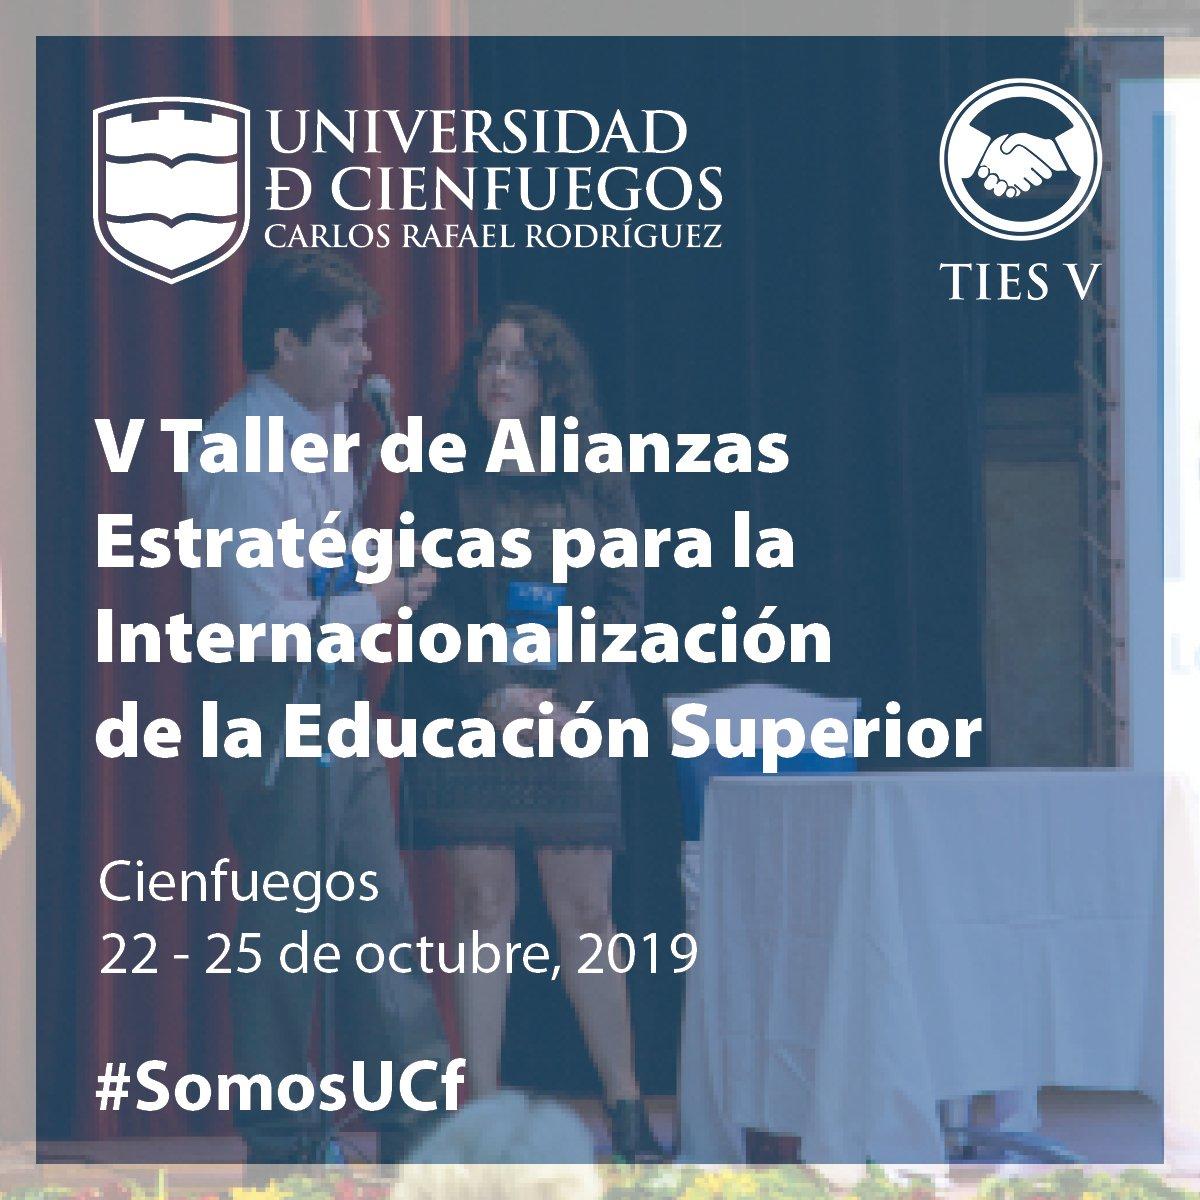 Acoge Cuba Taller de Alianzas Estratégicas para Internacionalización de la Educación Superior